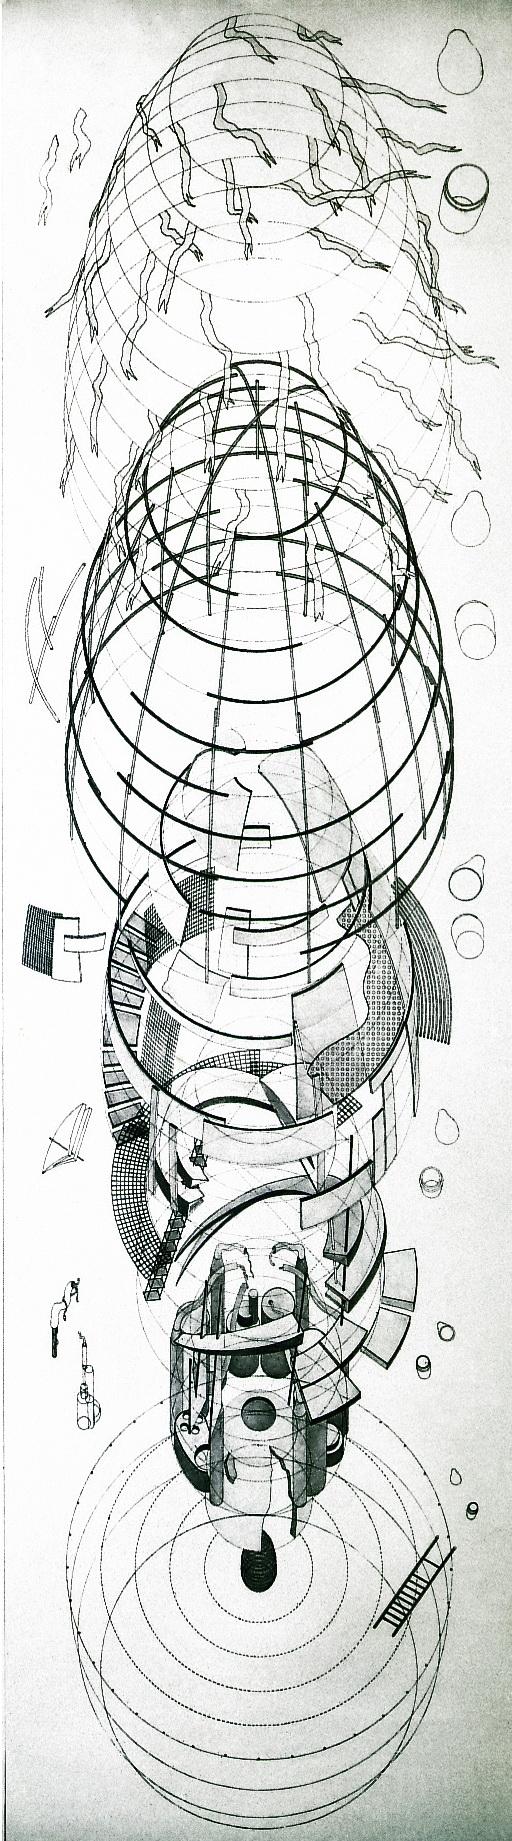 Юрий Аввакумов, Игорь Пищукевич, Юрий Цирульников. Дом-матрешка. 1984 Шелкография, карандаш